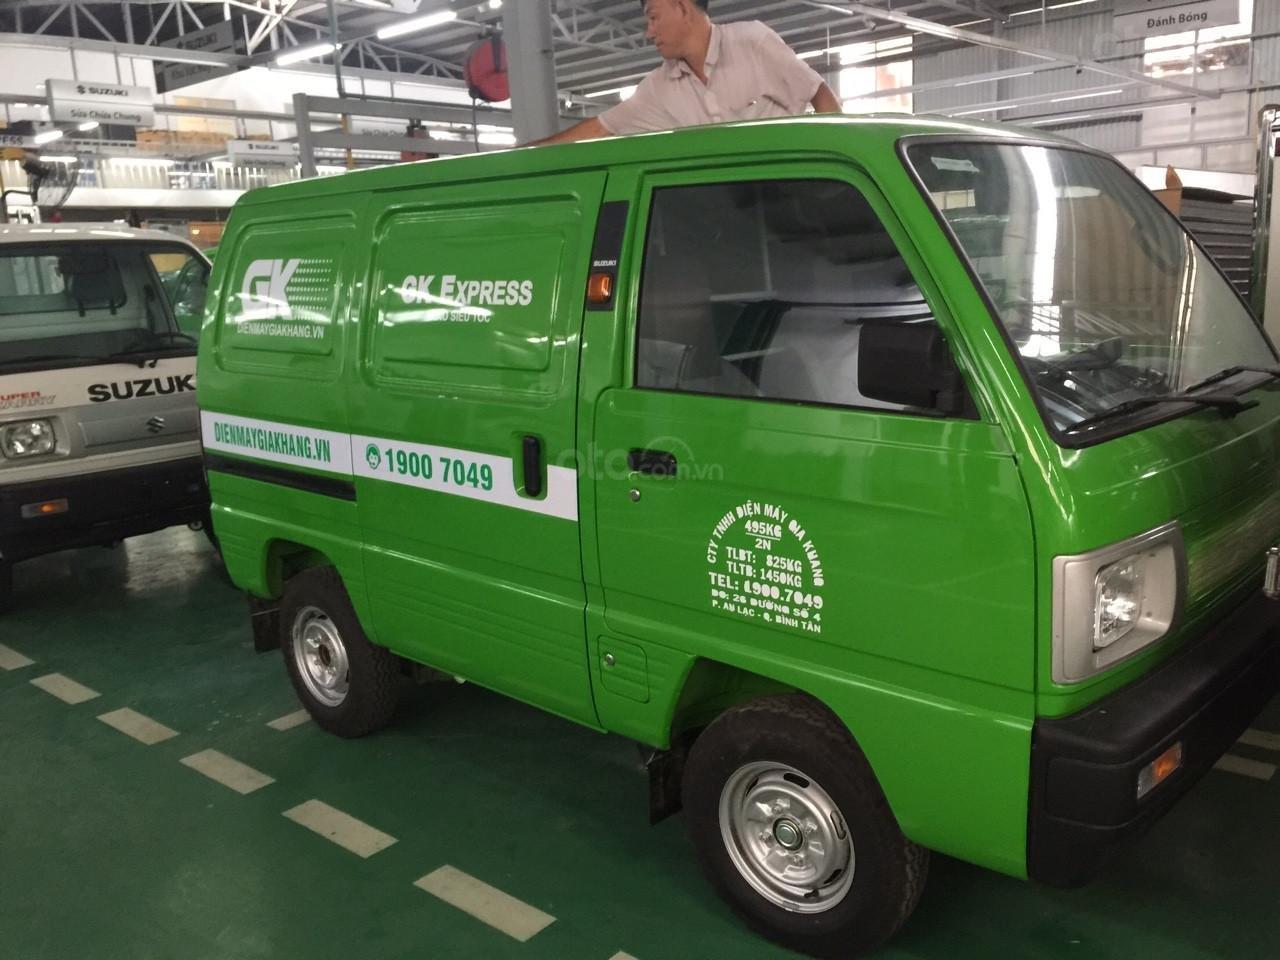 Xe tải Suzuki Van chạy giờ cấm 24/7, đủ màu, giao ngay giá cực sốc, hỗ trợ Bank, lãi suất tốt (1)